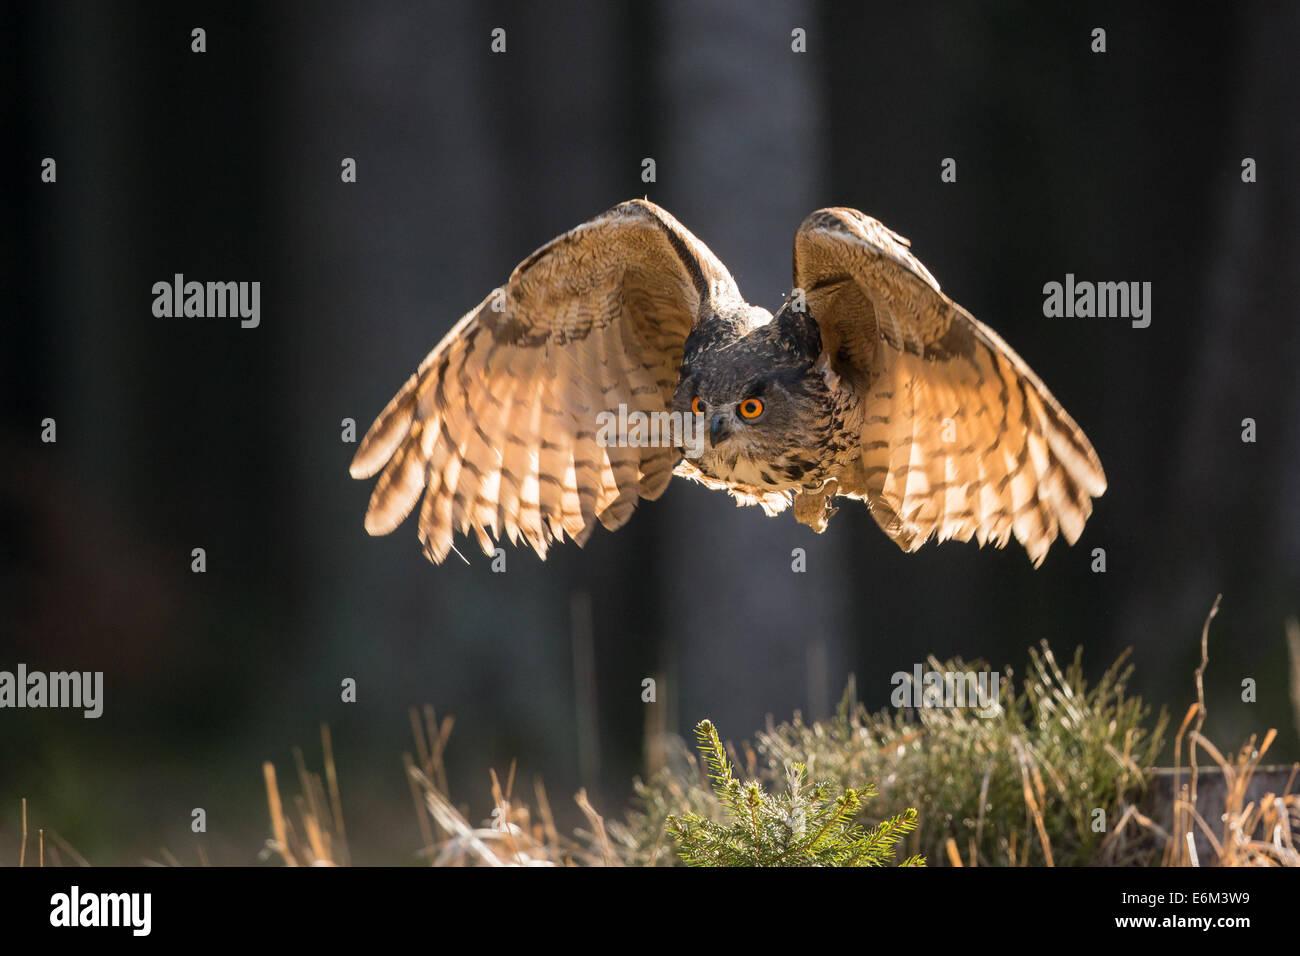 Gufo reale (Bubo bubo) in volo, retroilluminato Immagini Stock